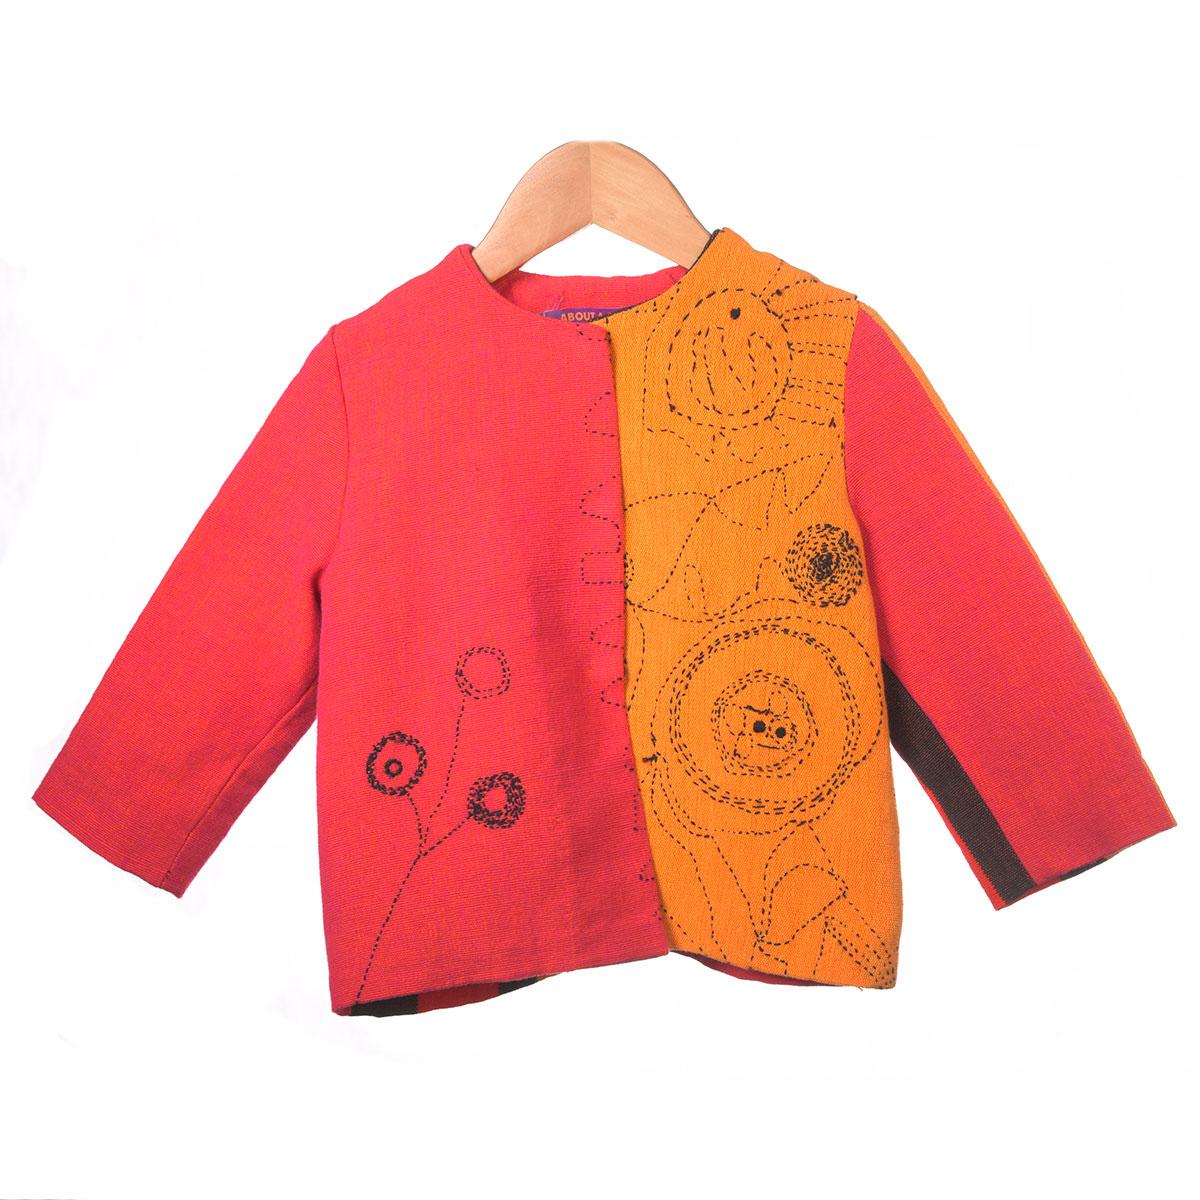 rood oranje jasje donker borduursel